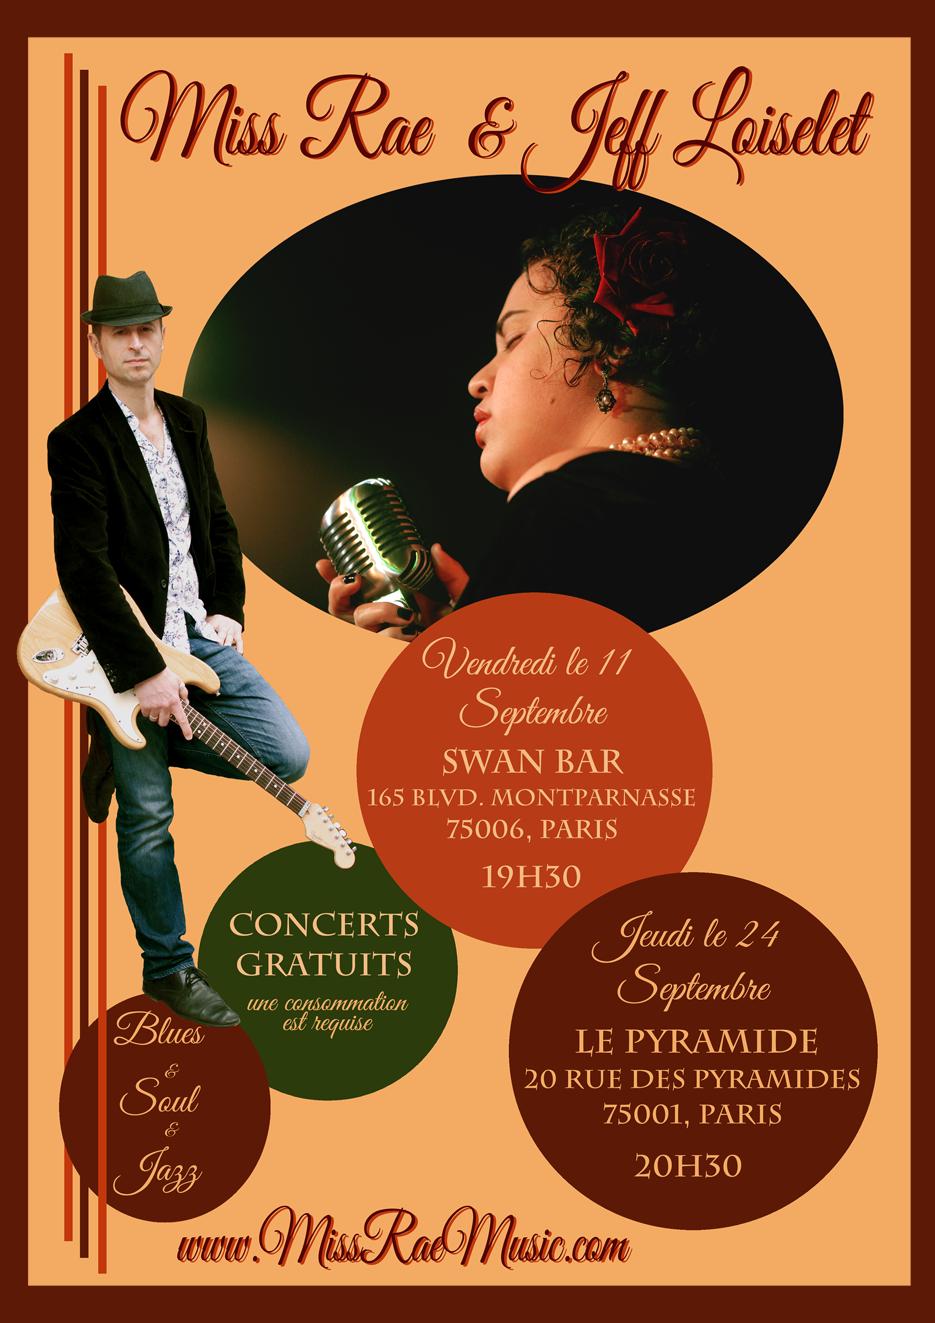 September Gig Poster_Miss Rae & Jeff Loiselet_WEB